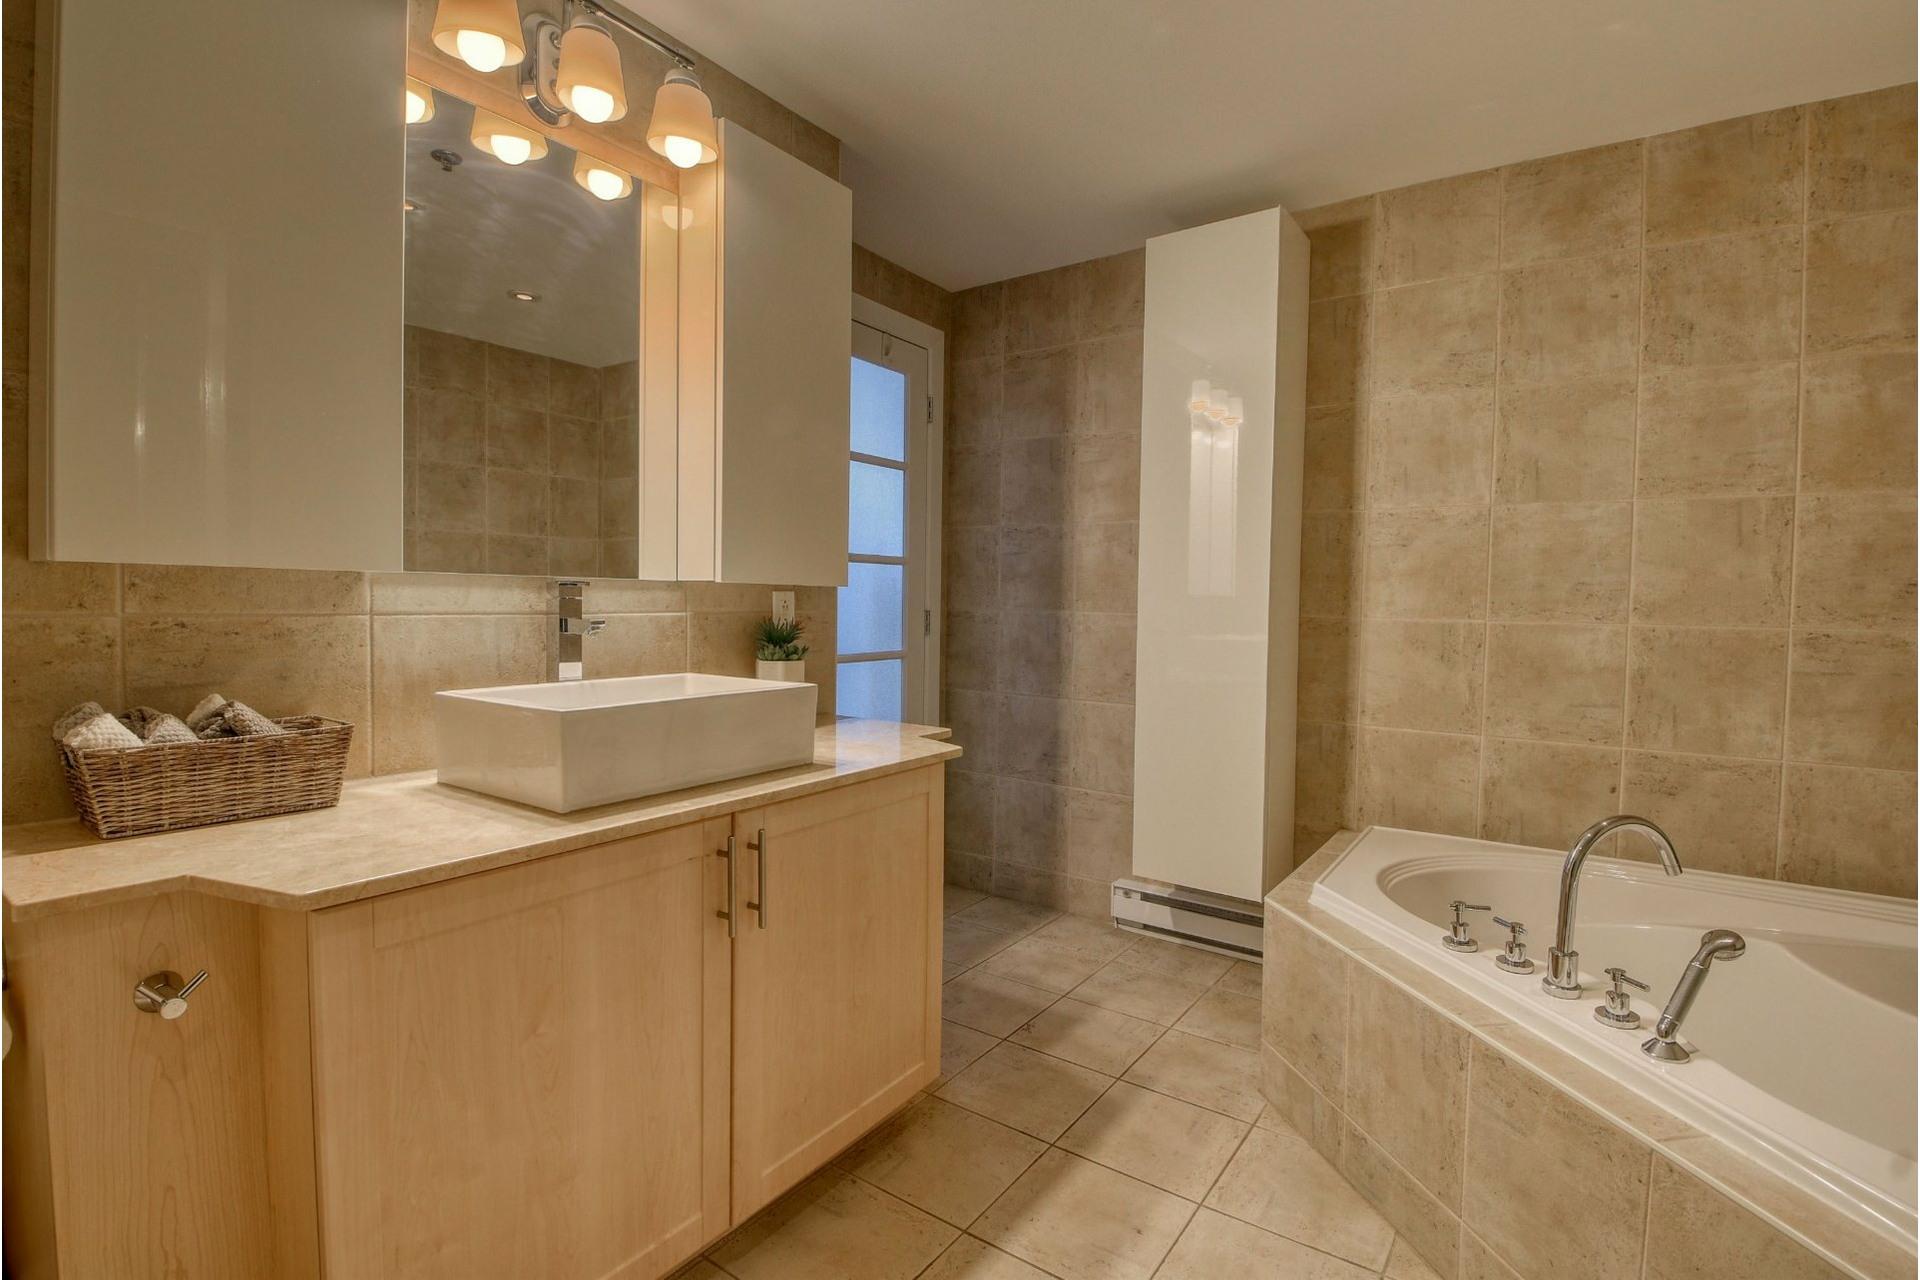 image 15 - Appartement À vendre Le Sud-Ouest Montréal  - 6 pièces